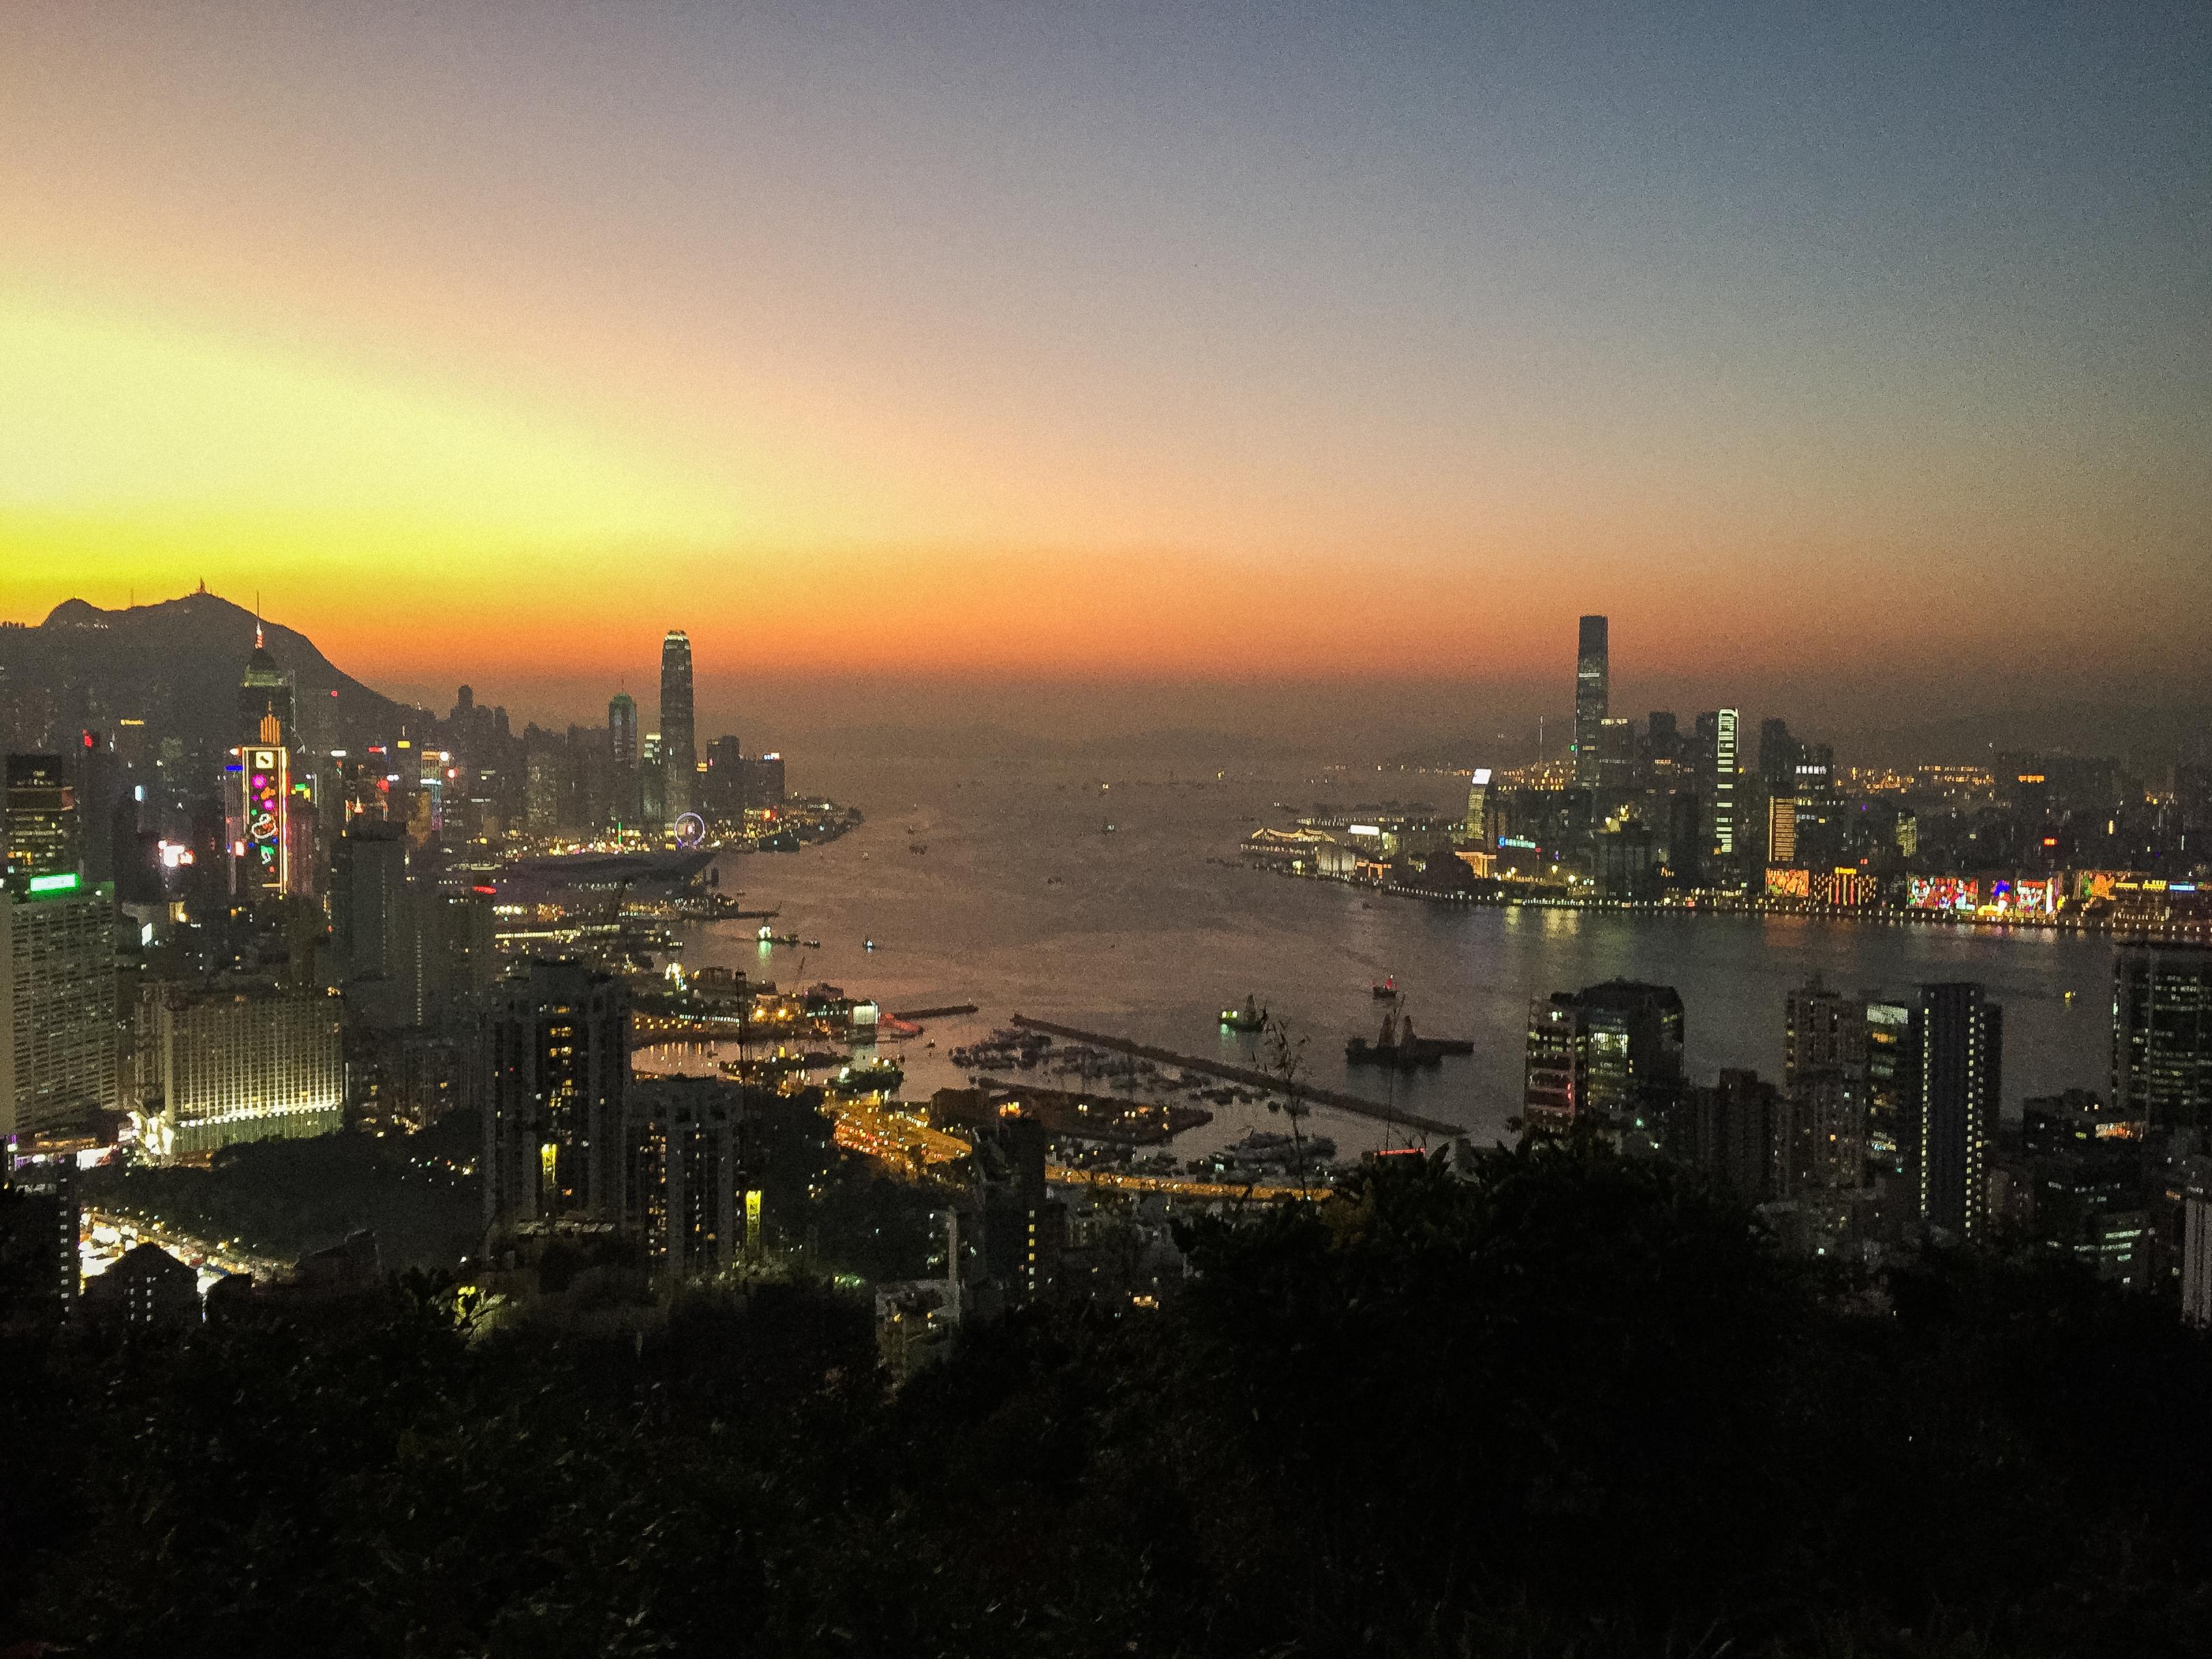 Hong Kong #iPhoneography #HK #HongKong #iPhone | Flickr - Photo ...